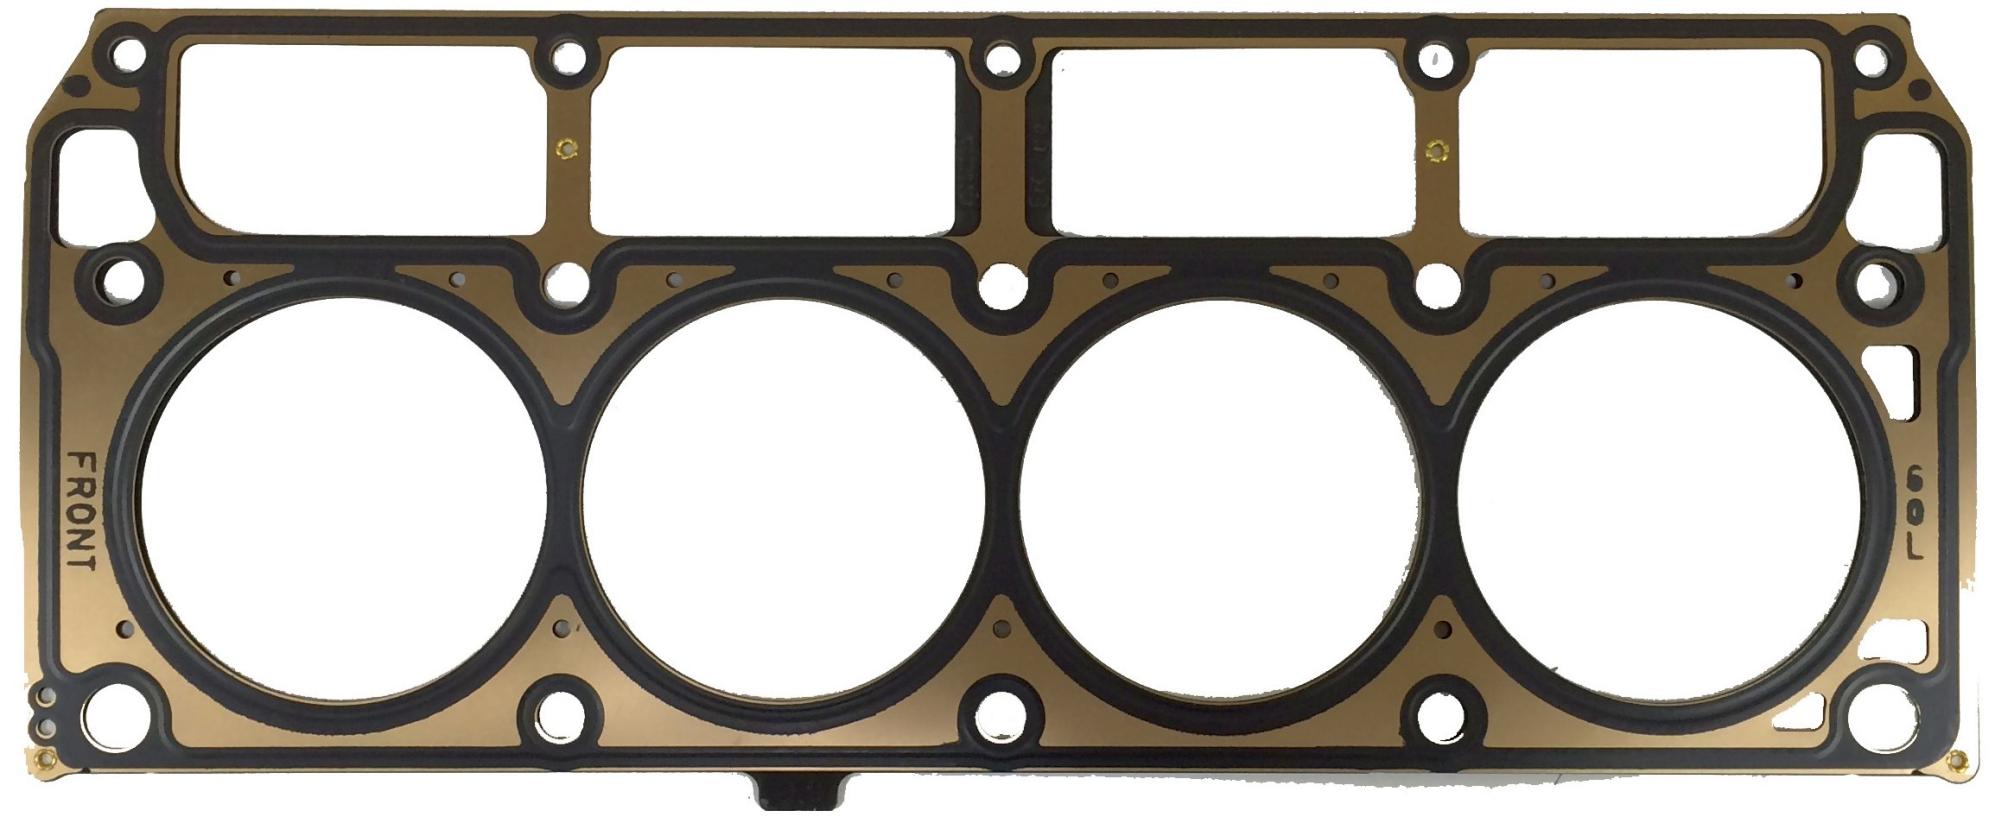 Imagen de Empacadura de la culata para GMC Sierra 1500 2003 Hummer H2 2004 Marca AC Delco Número de Parte 12589227